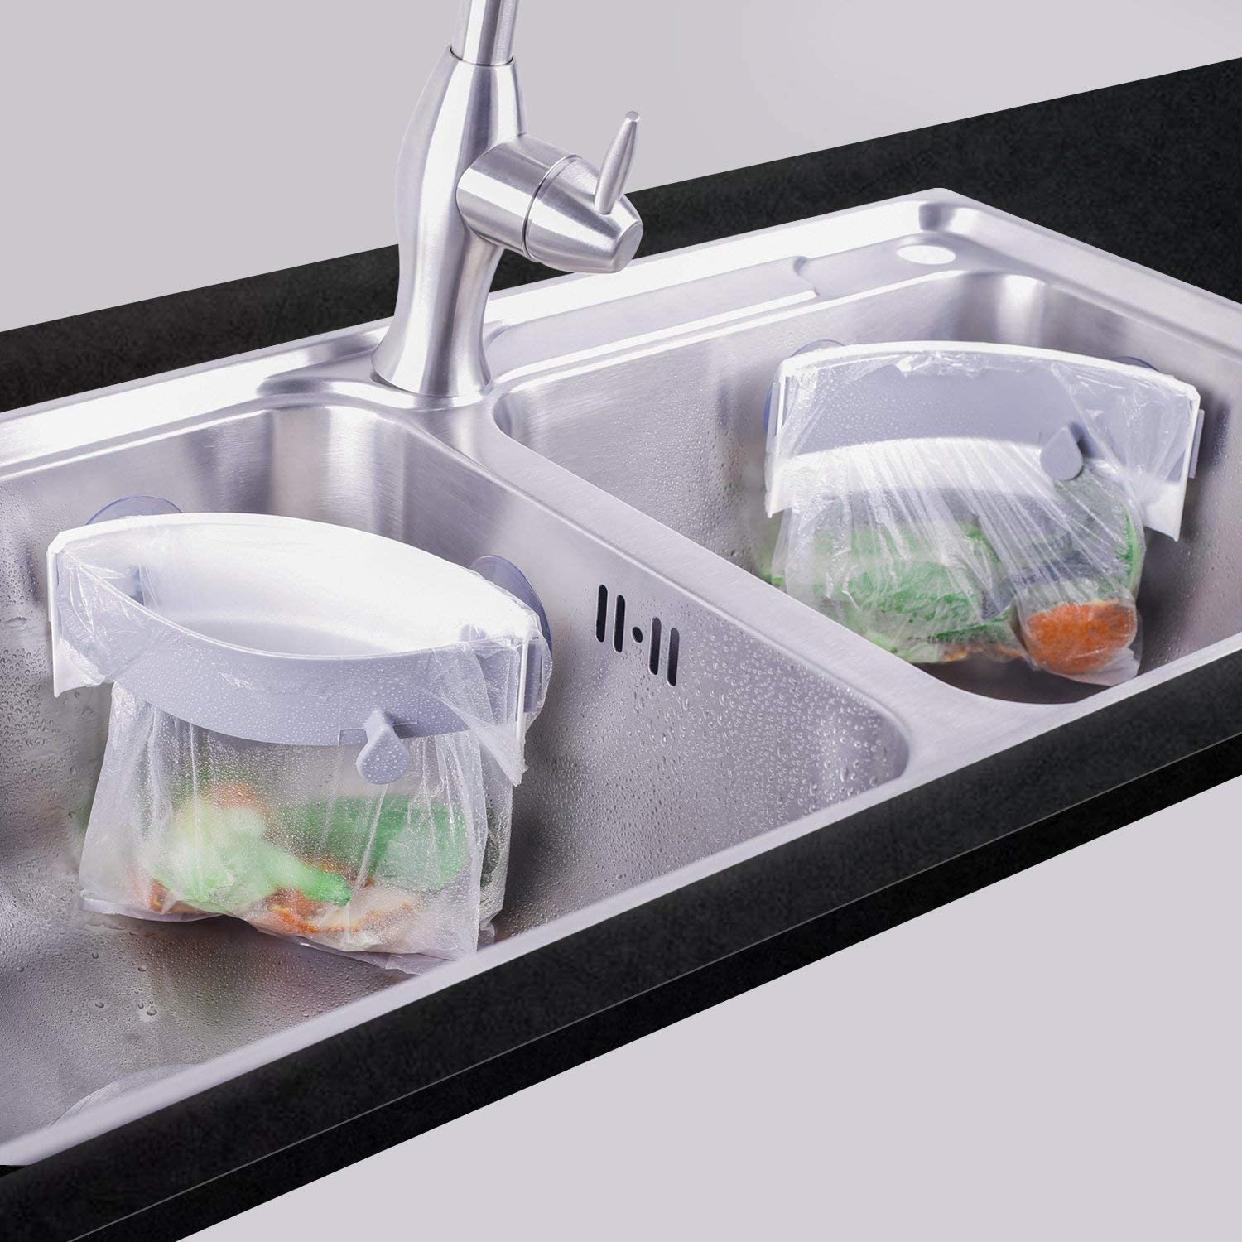 Homekirei(ホームキレイ) 三角コーナー 開閉可能生ゴミ袋ホルダーの商品画像9